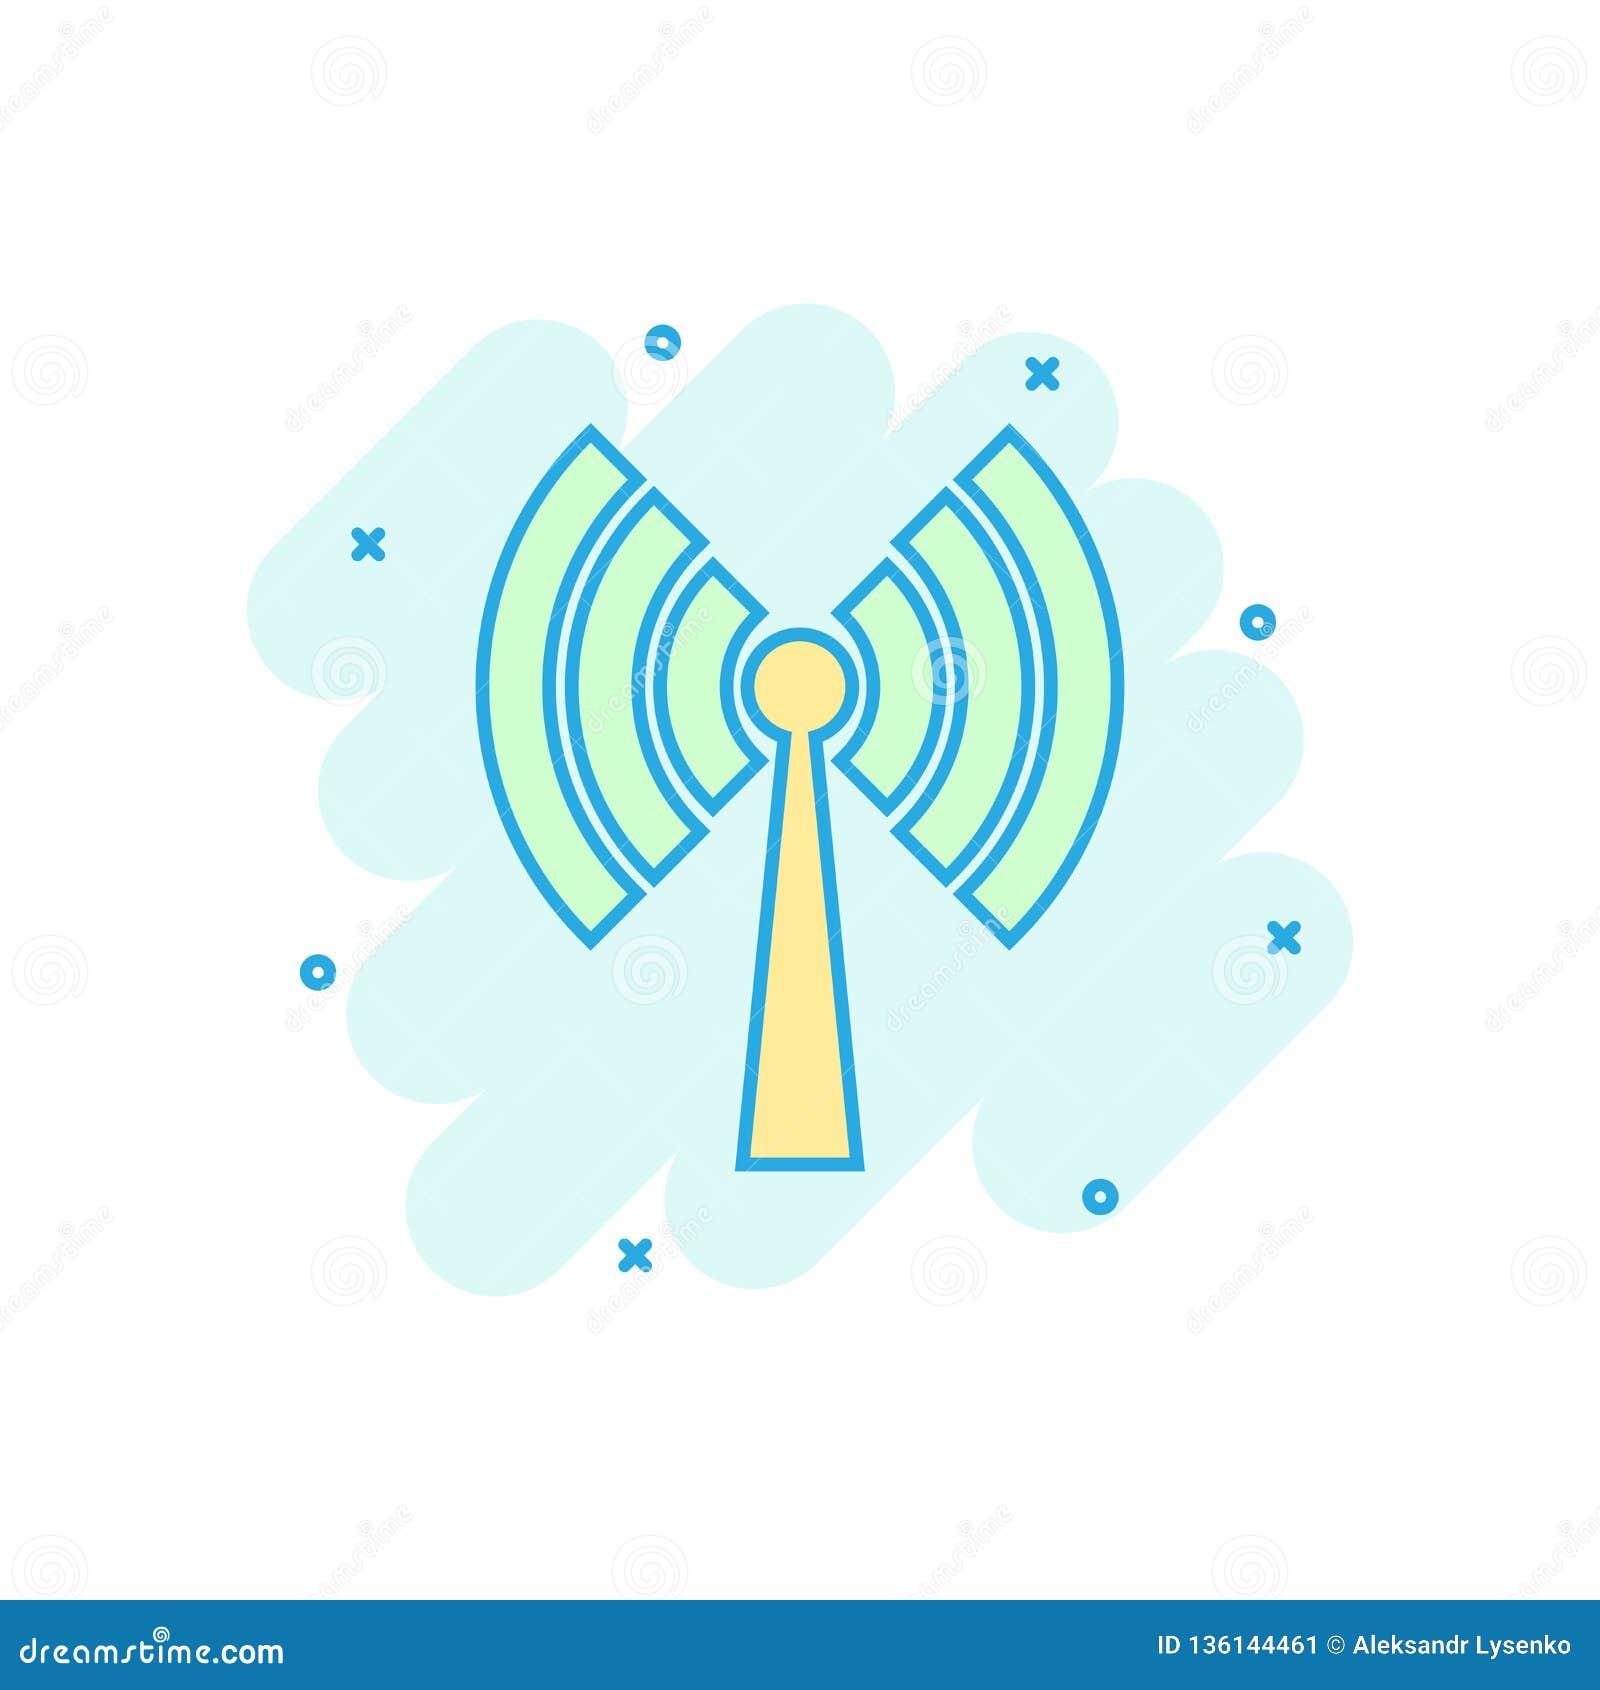 Wifi internetsymbol i komisk stil för vektortecknad film för trådlös teknologi Wi-fi pictogram för illustration Nätverkswifiaffär